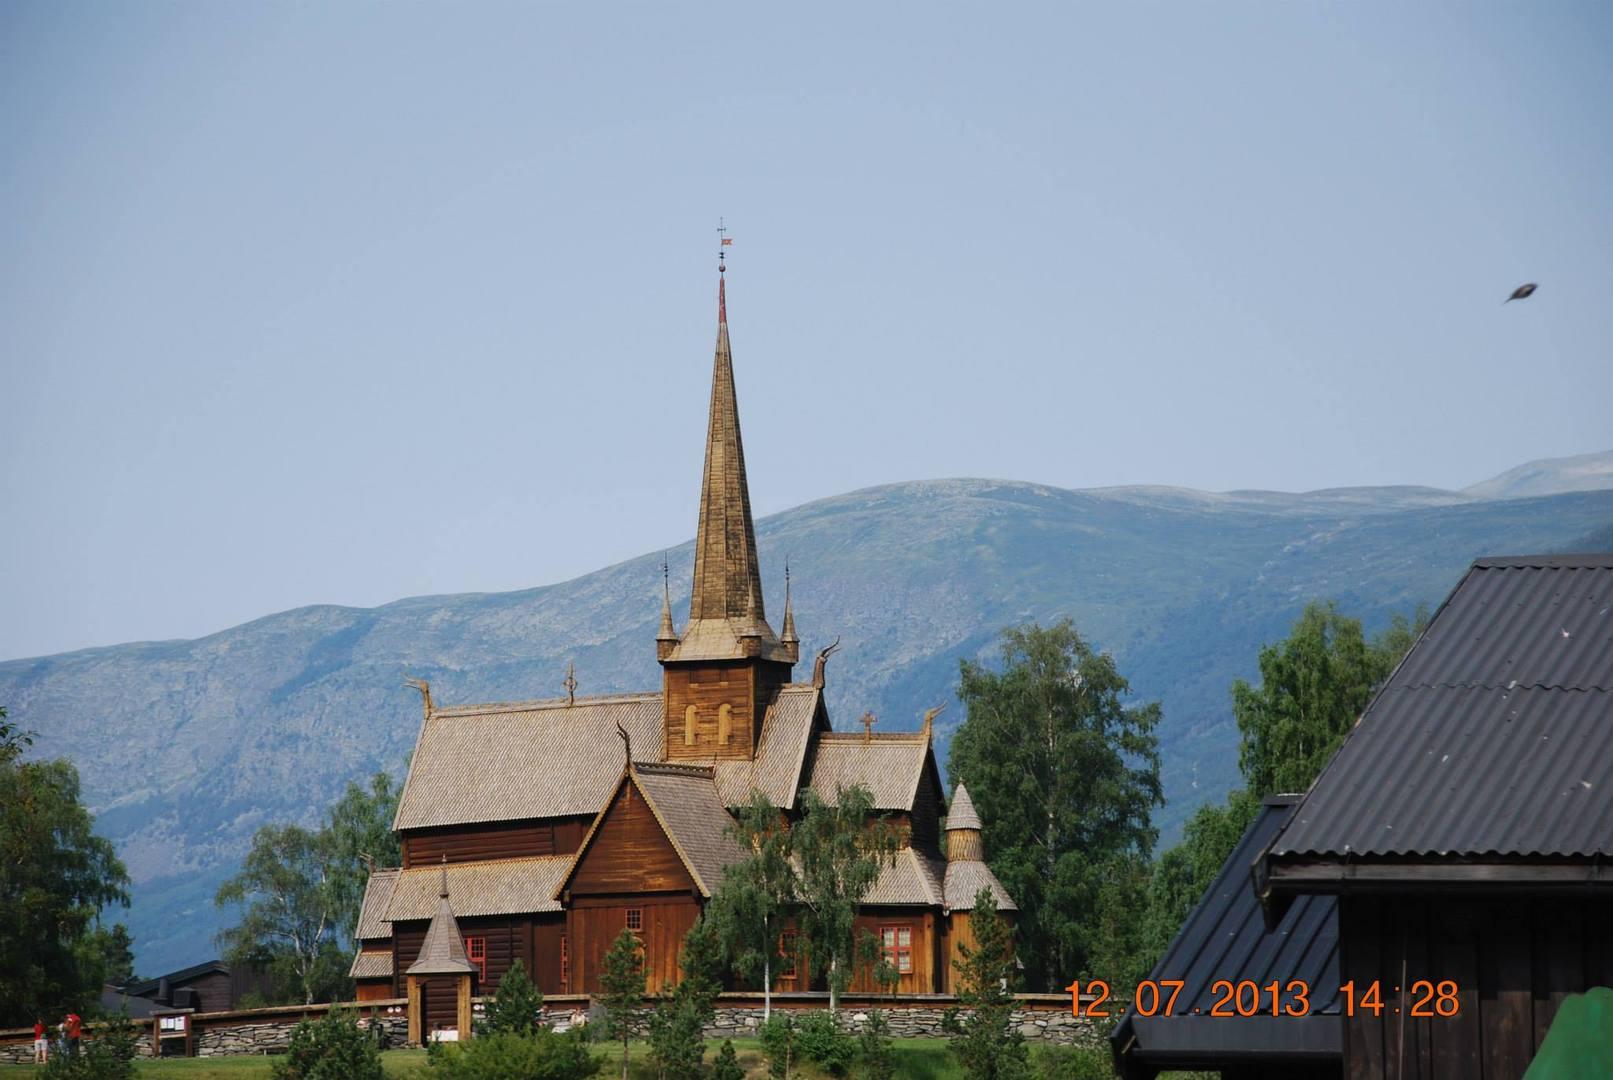 Lom- כנסיית לוחות העץ המרשימה